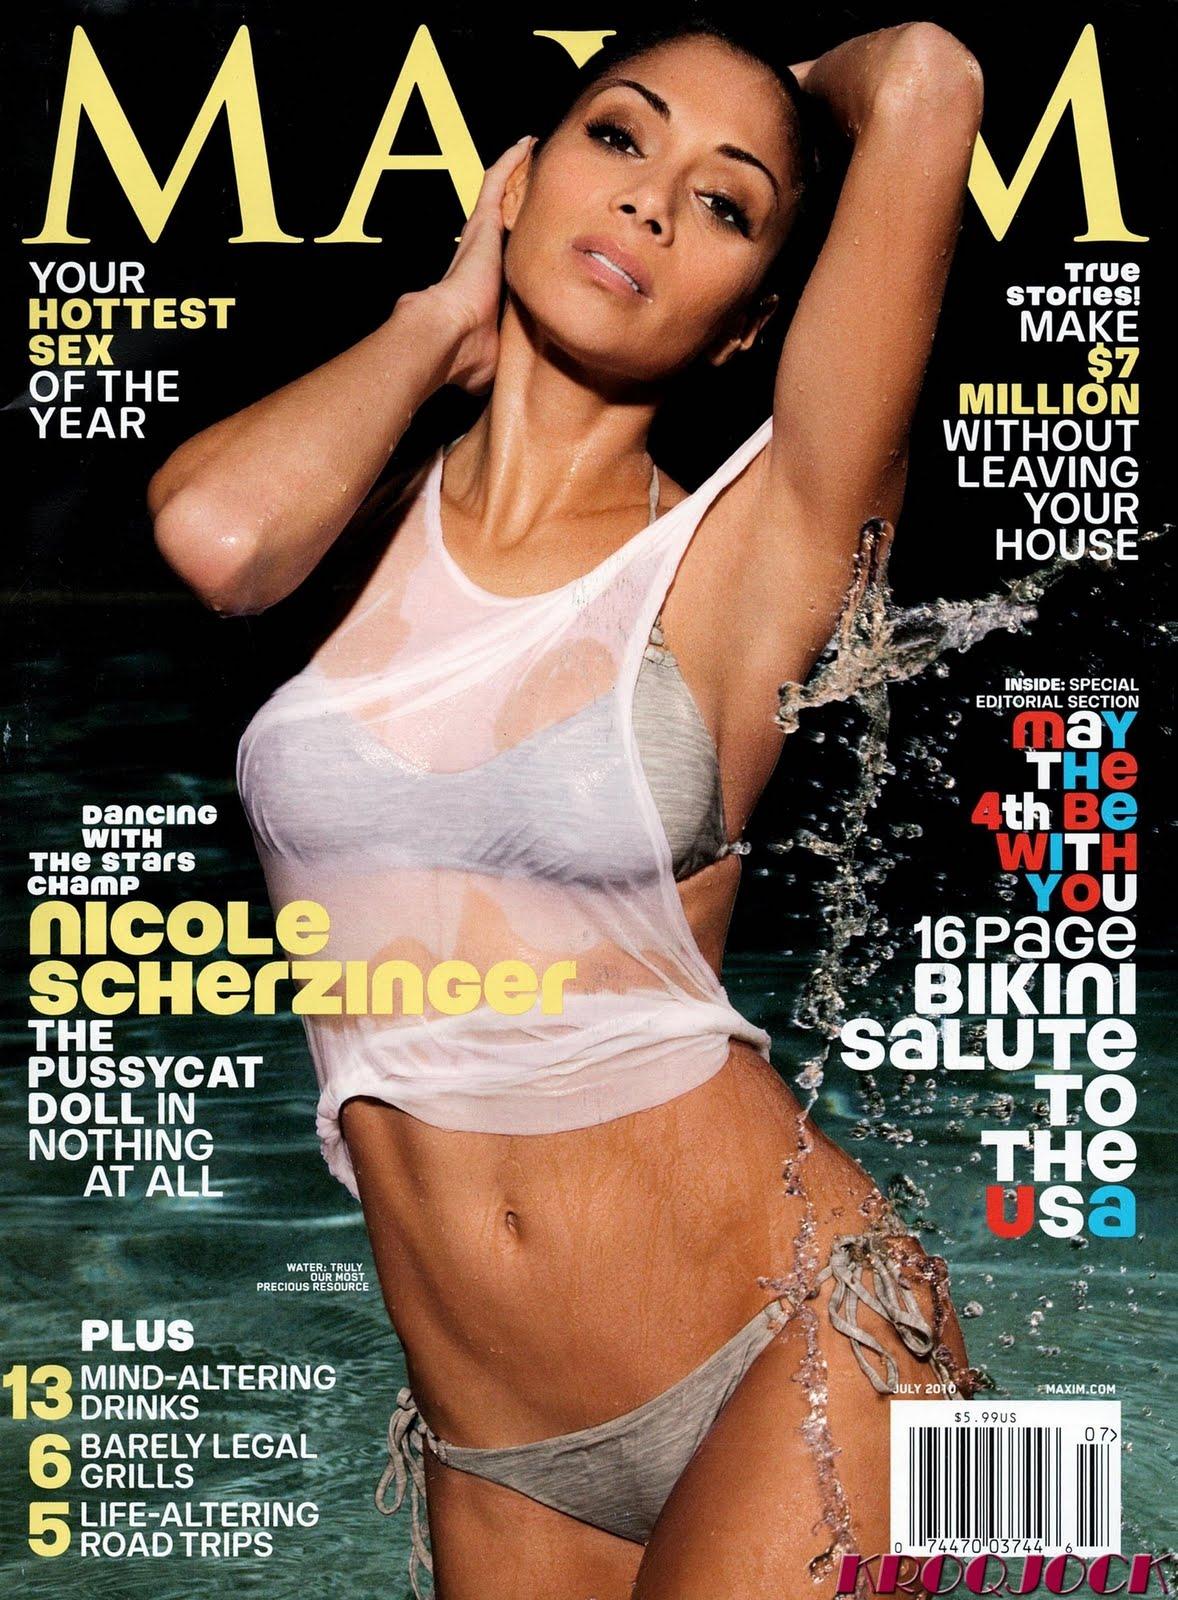 http://3.bp.blogspot.com/_K3hKxrxQGBk/TC4HFrbgpiI/AAAAAAAANF8/VNOUBt0ploA/s1600/-Nicole_Scherzinger_Maxim_Magazine_Cover_July_2010_001.jpg